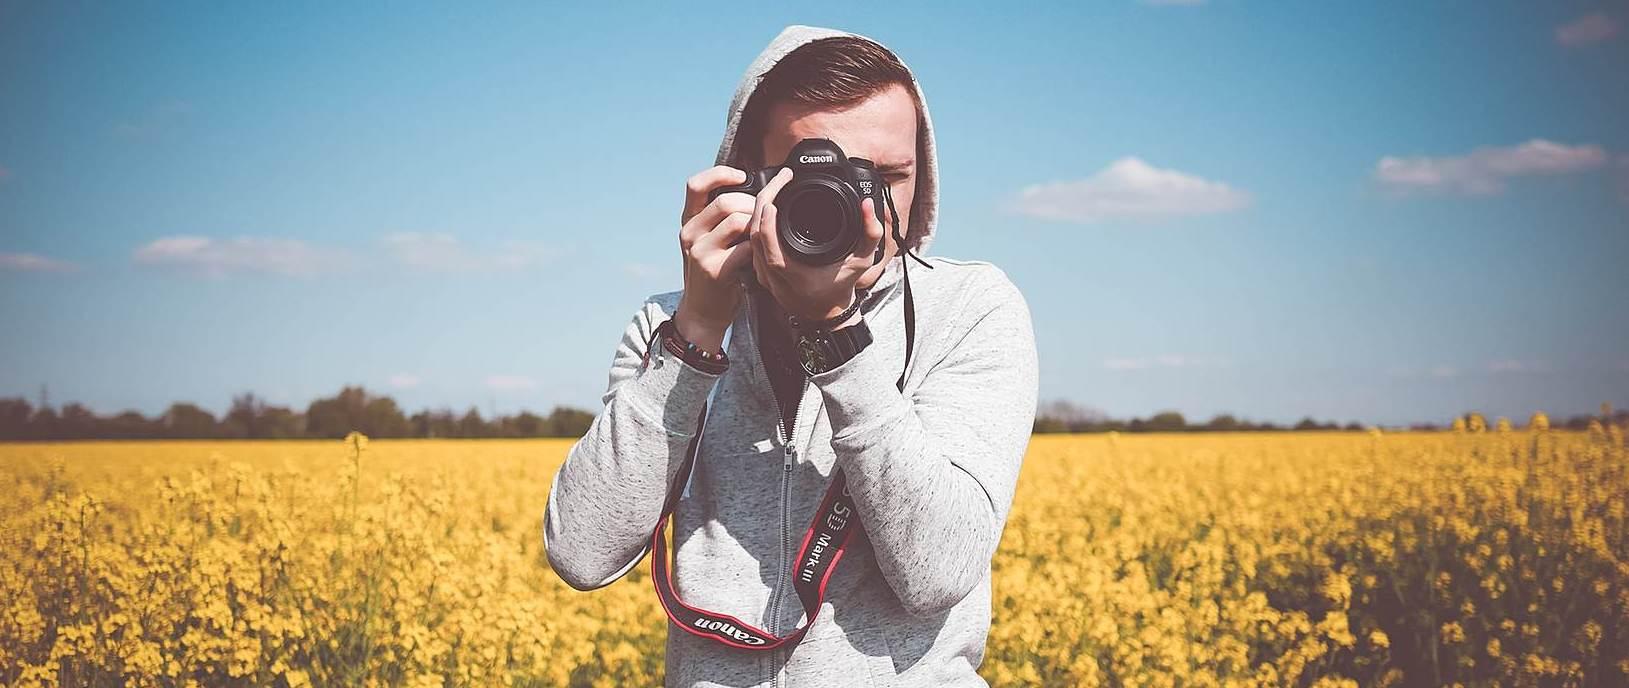 menino com câmera na mão apontando para você